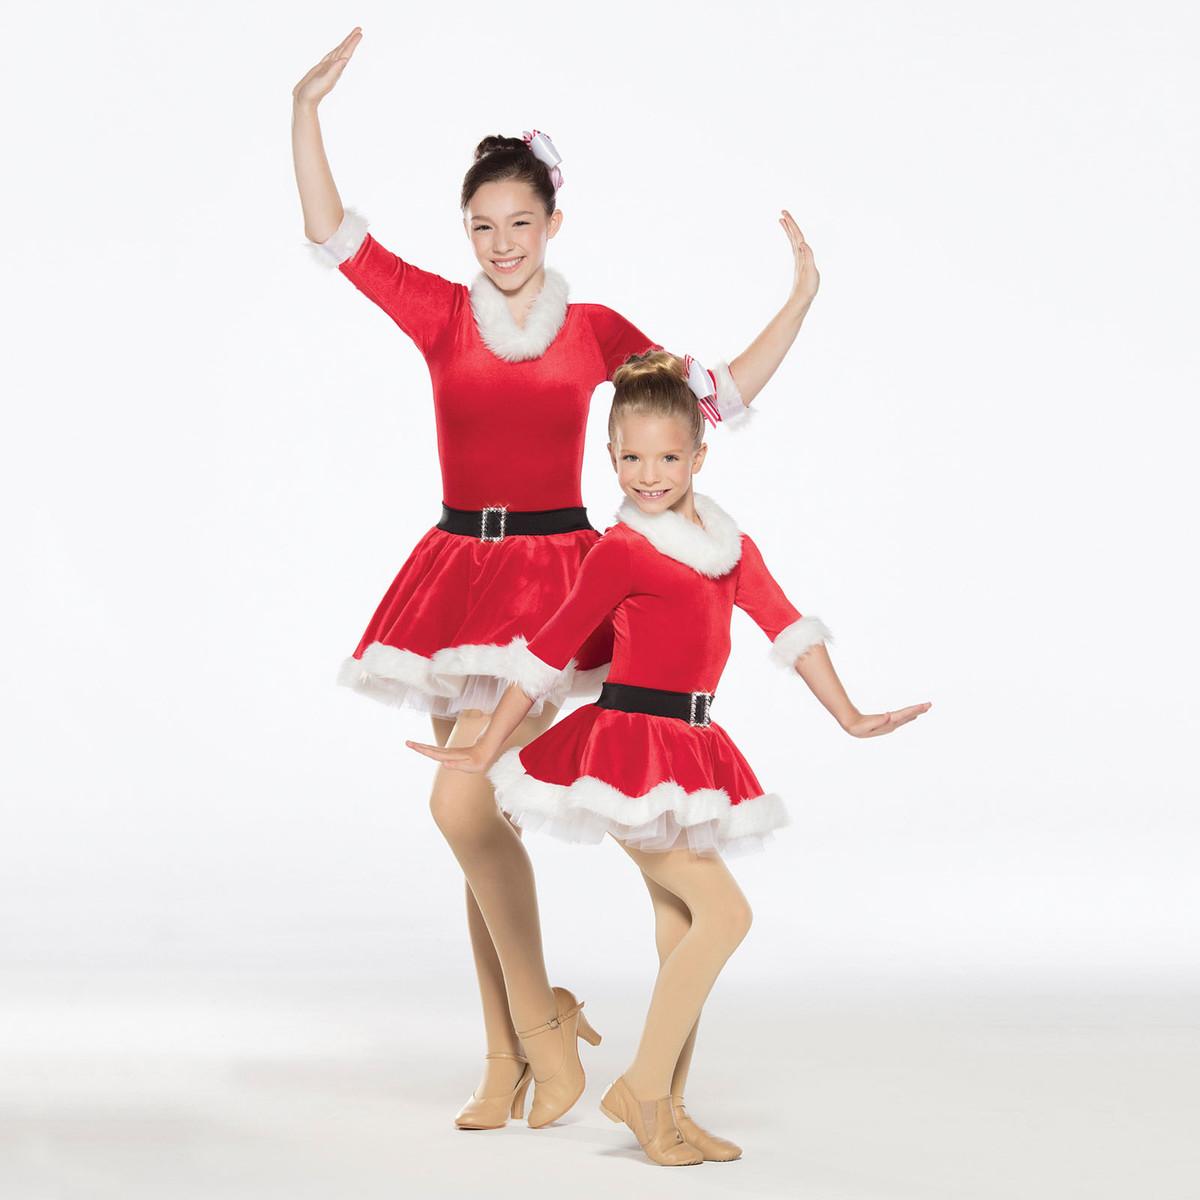 Mickey's Jingle Bells Choreography